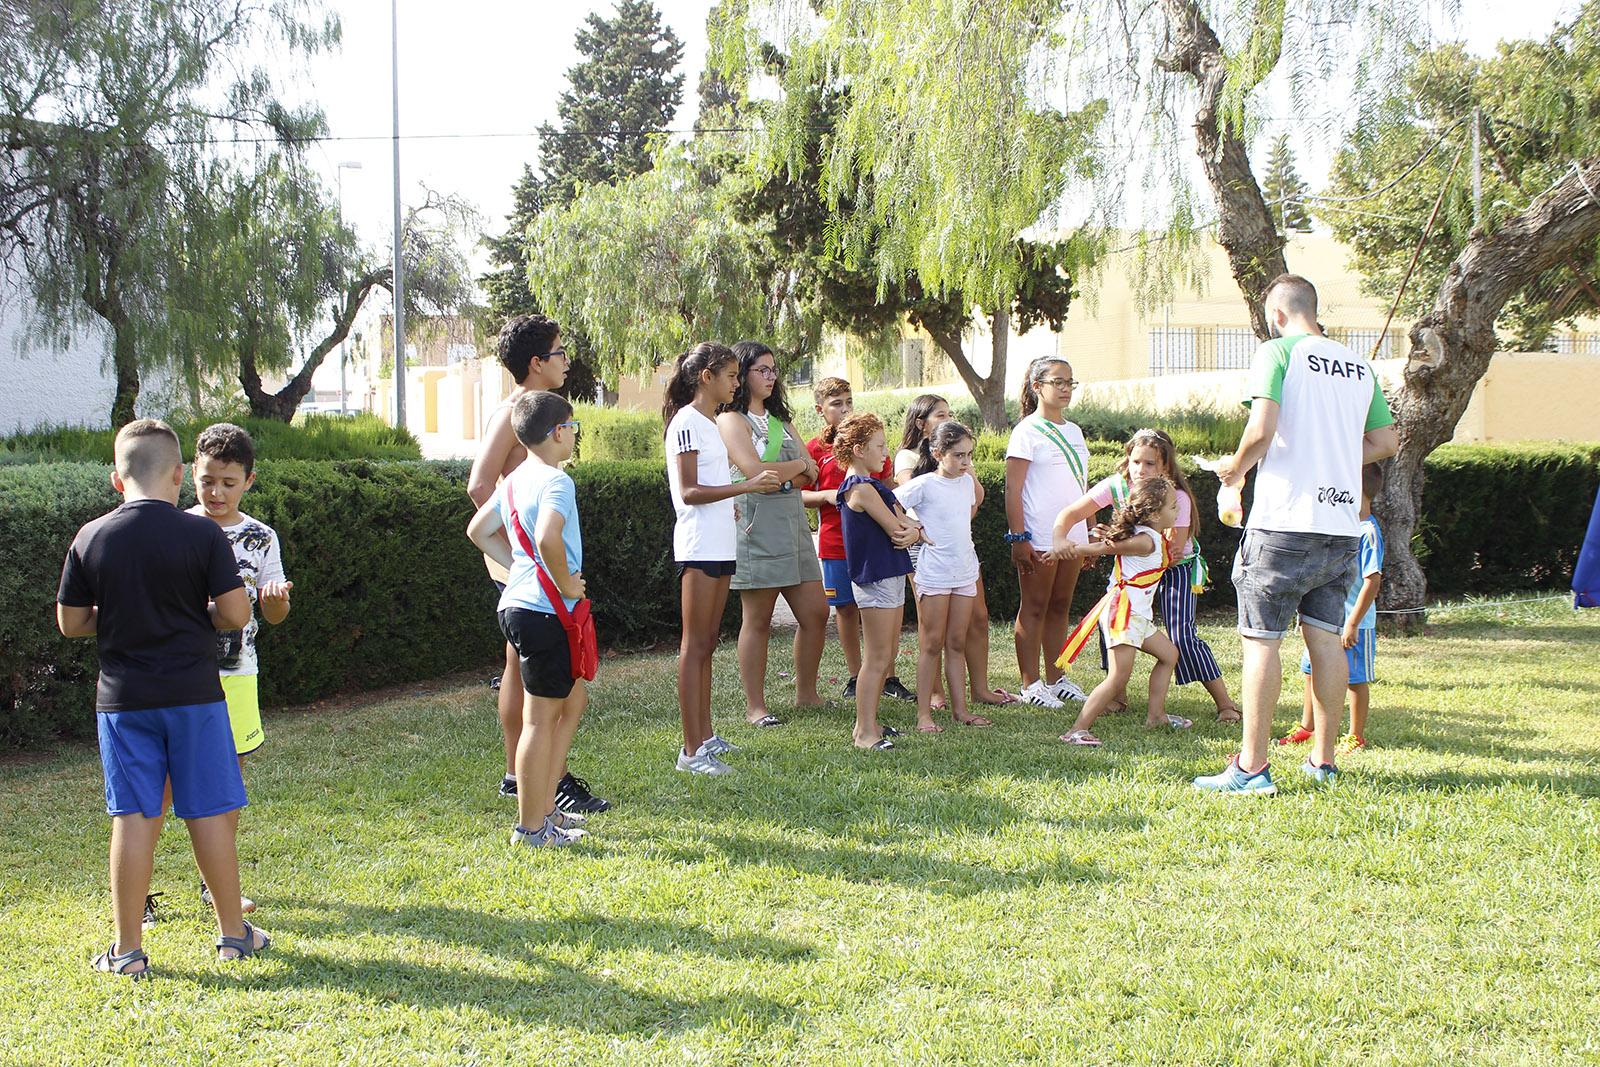 'El Juego de la Manzana', 'Atrapa al loco de Juande' y 'El Balón Mareado' entretienen a los vecinos de El Solanillo en la tarde del sábado